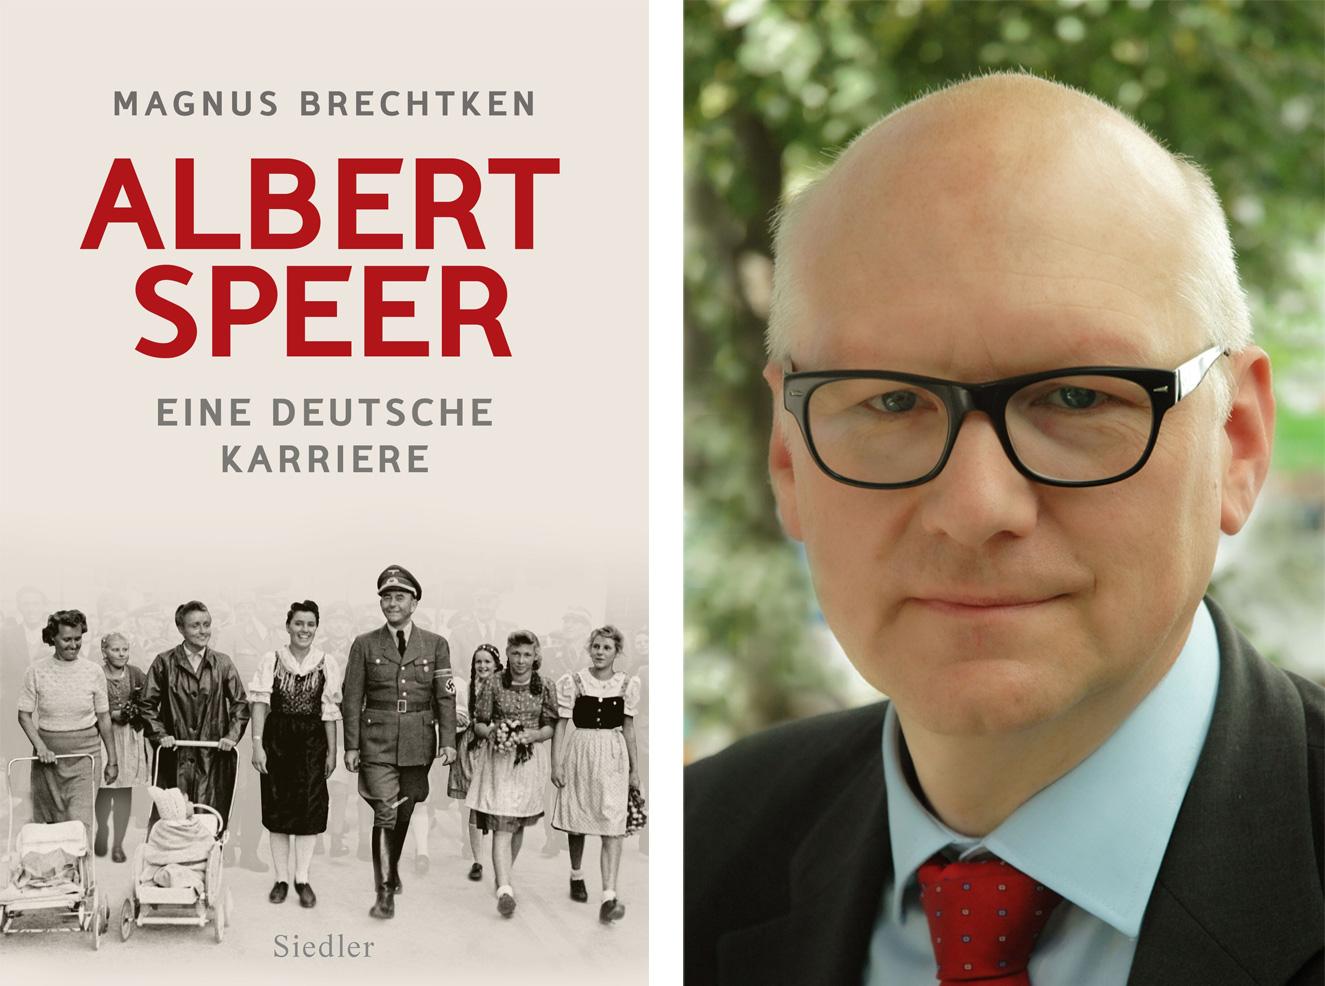 Münchner Historiker erhält NDR-Sachbuchpreis für Speer-Biografie | Sonntagsblatt - 360 Grad ...